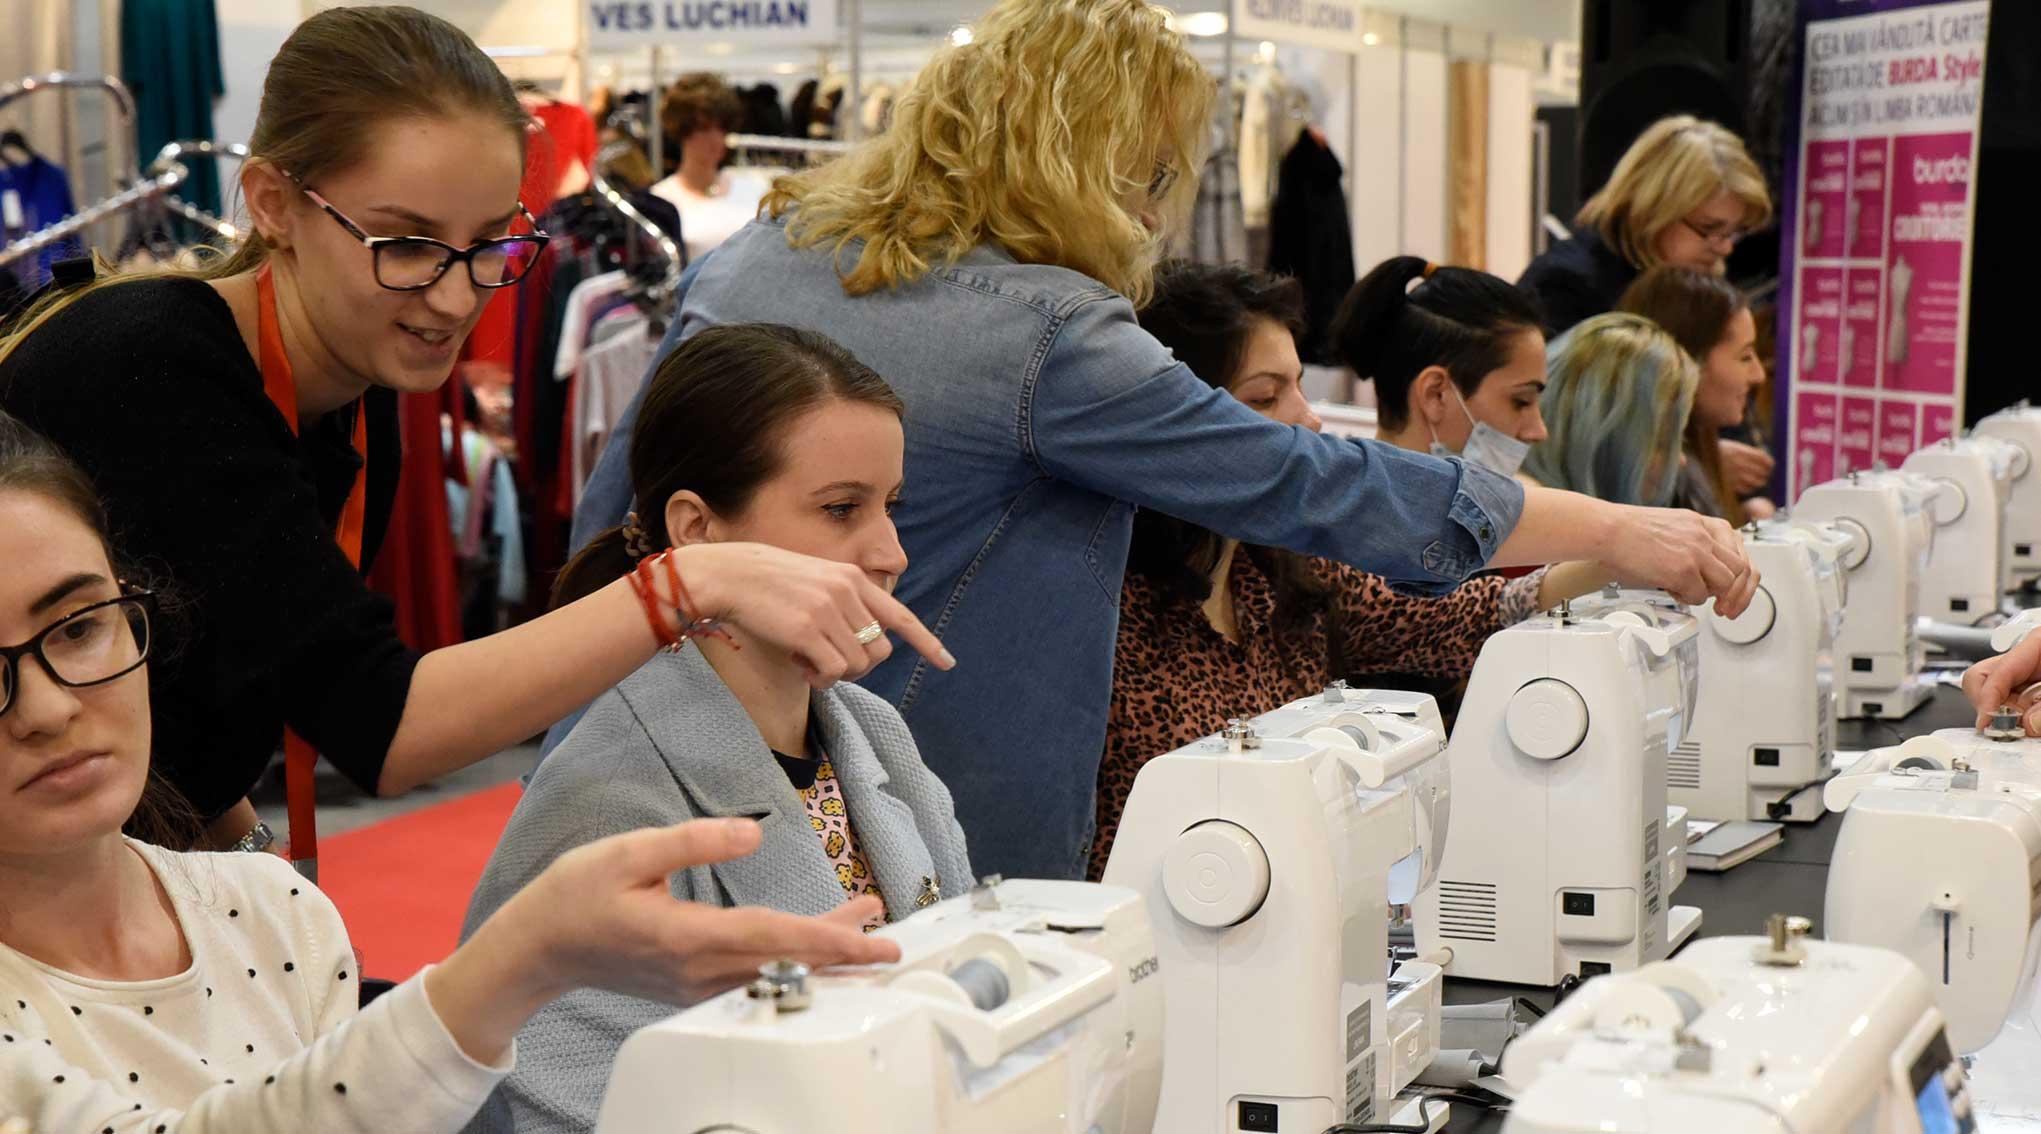 workshop-uri-demonstratii-si-conferinte-marca-atelierele-ilbah-pe-parcursul-a-4-zile-in-cadrul-romexpo-72